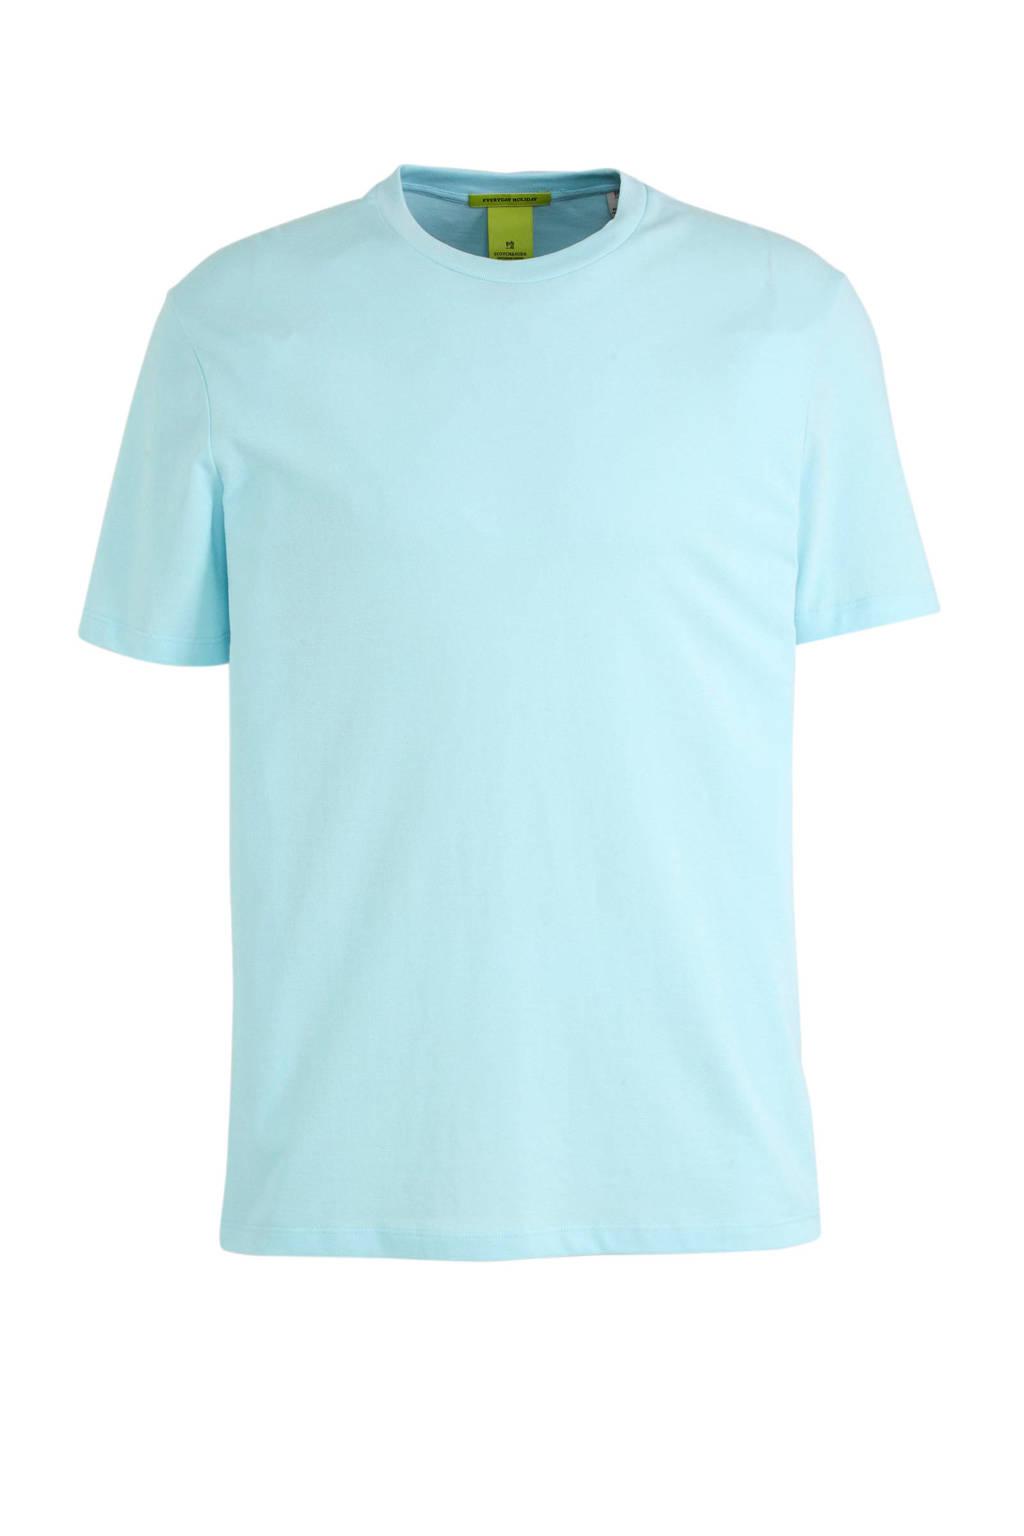 Scotch & Soda T-shirt lichtblauw, Lichtblauw